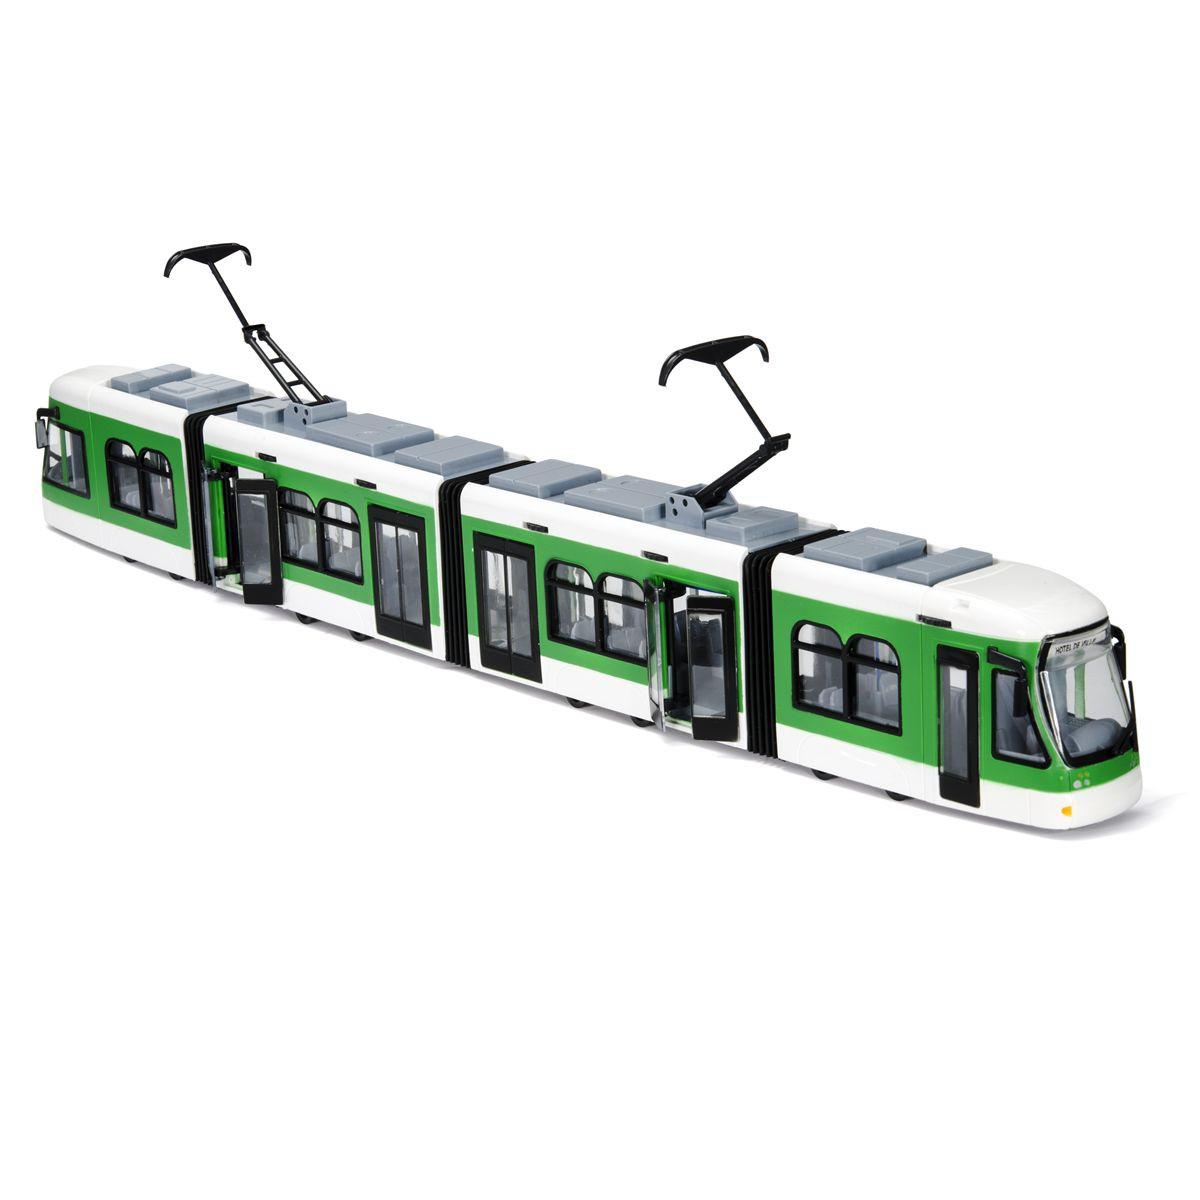 jouet tramway